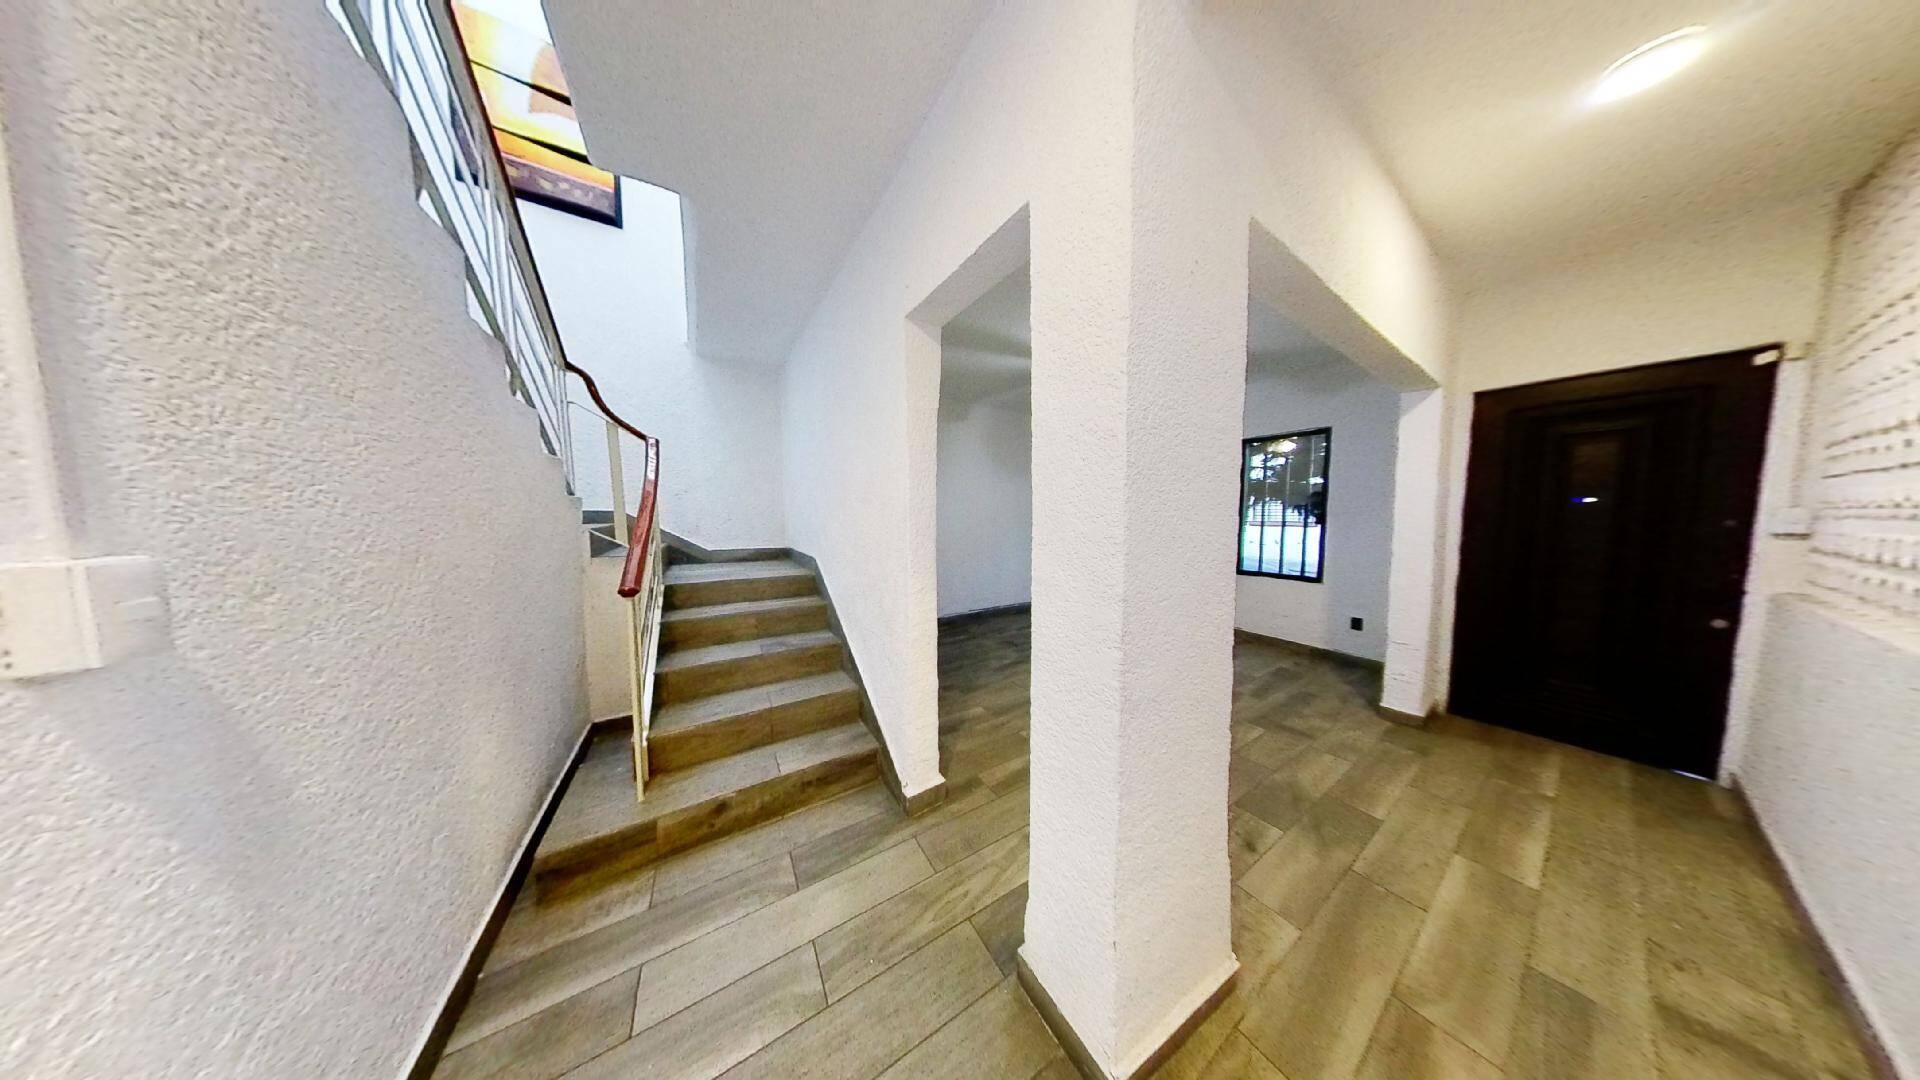 Casa en venta en la Colonia Roma Sur, Alcaldía Cuauhtémoc, CDMX.